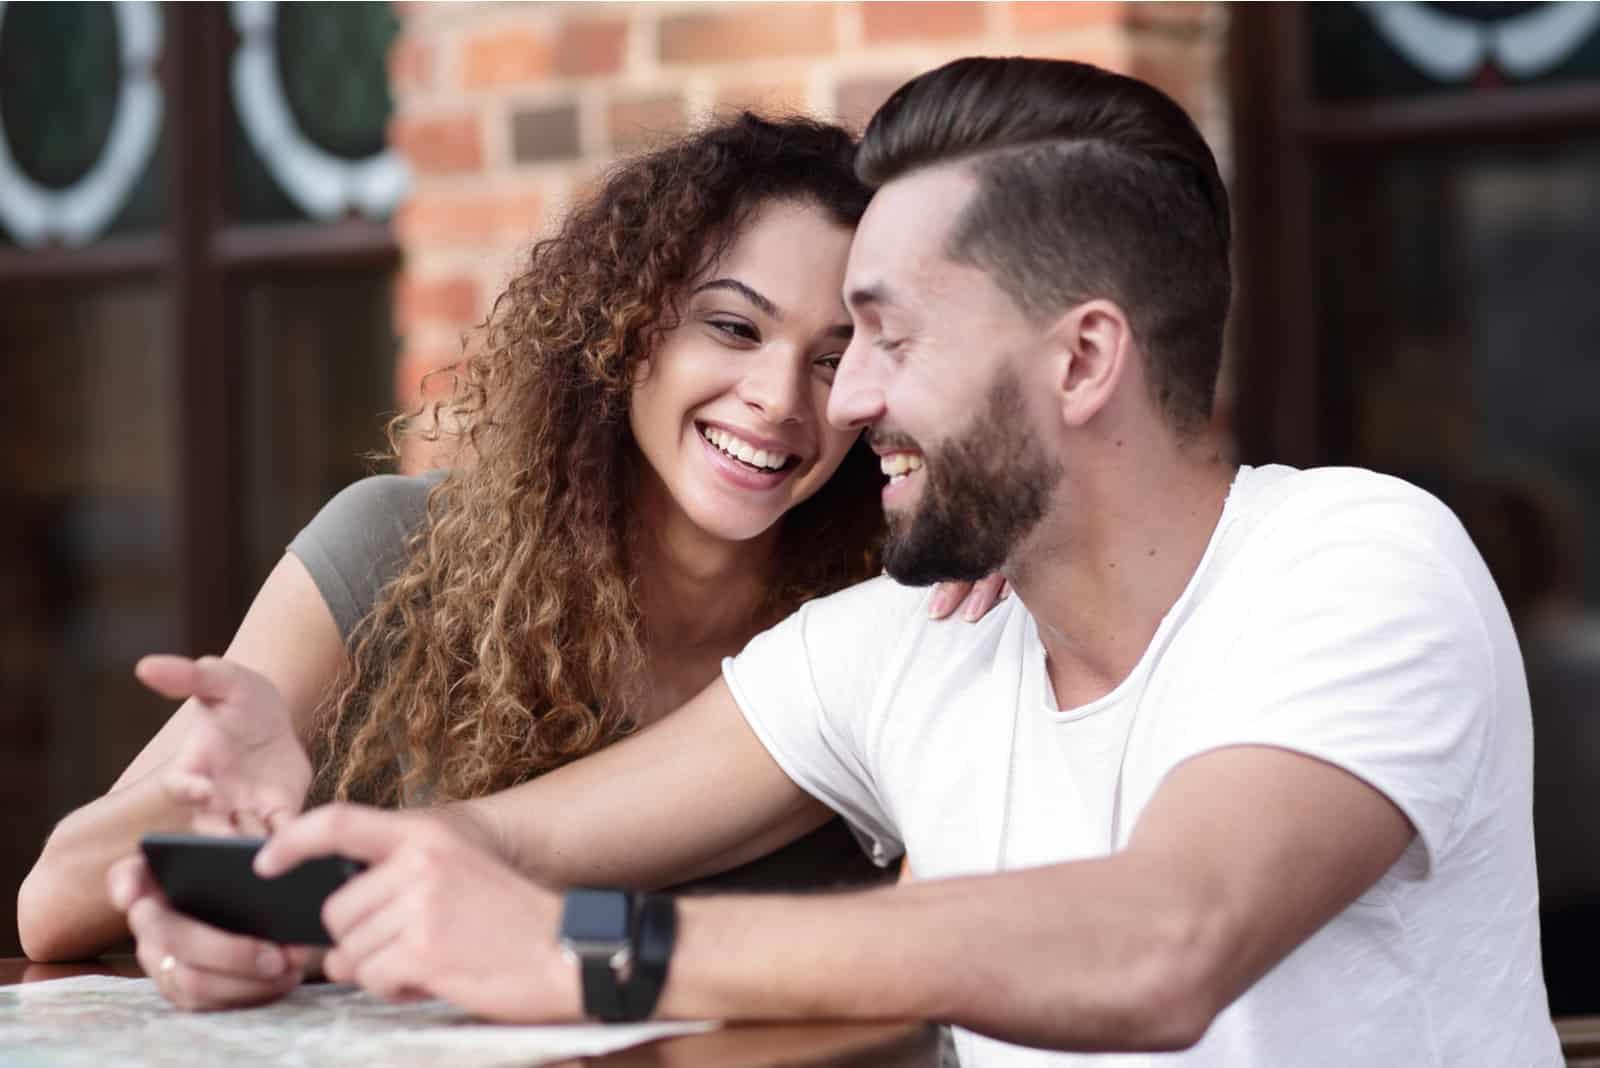 ein glückliches Paar auf der Caféterrasse sitzt und benutzt ein Smartphone